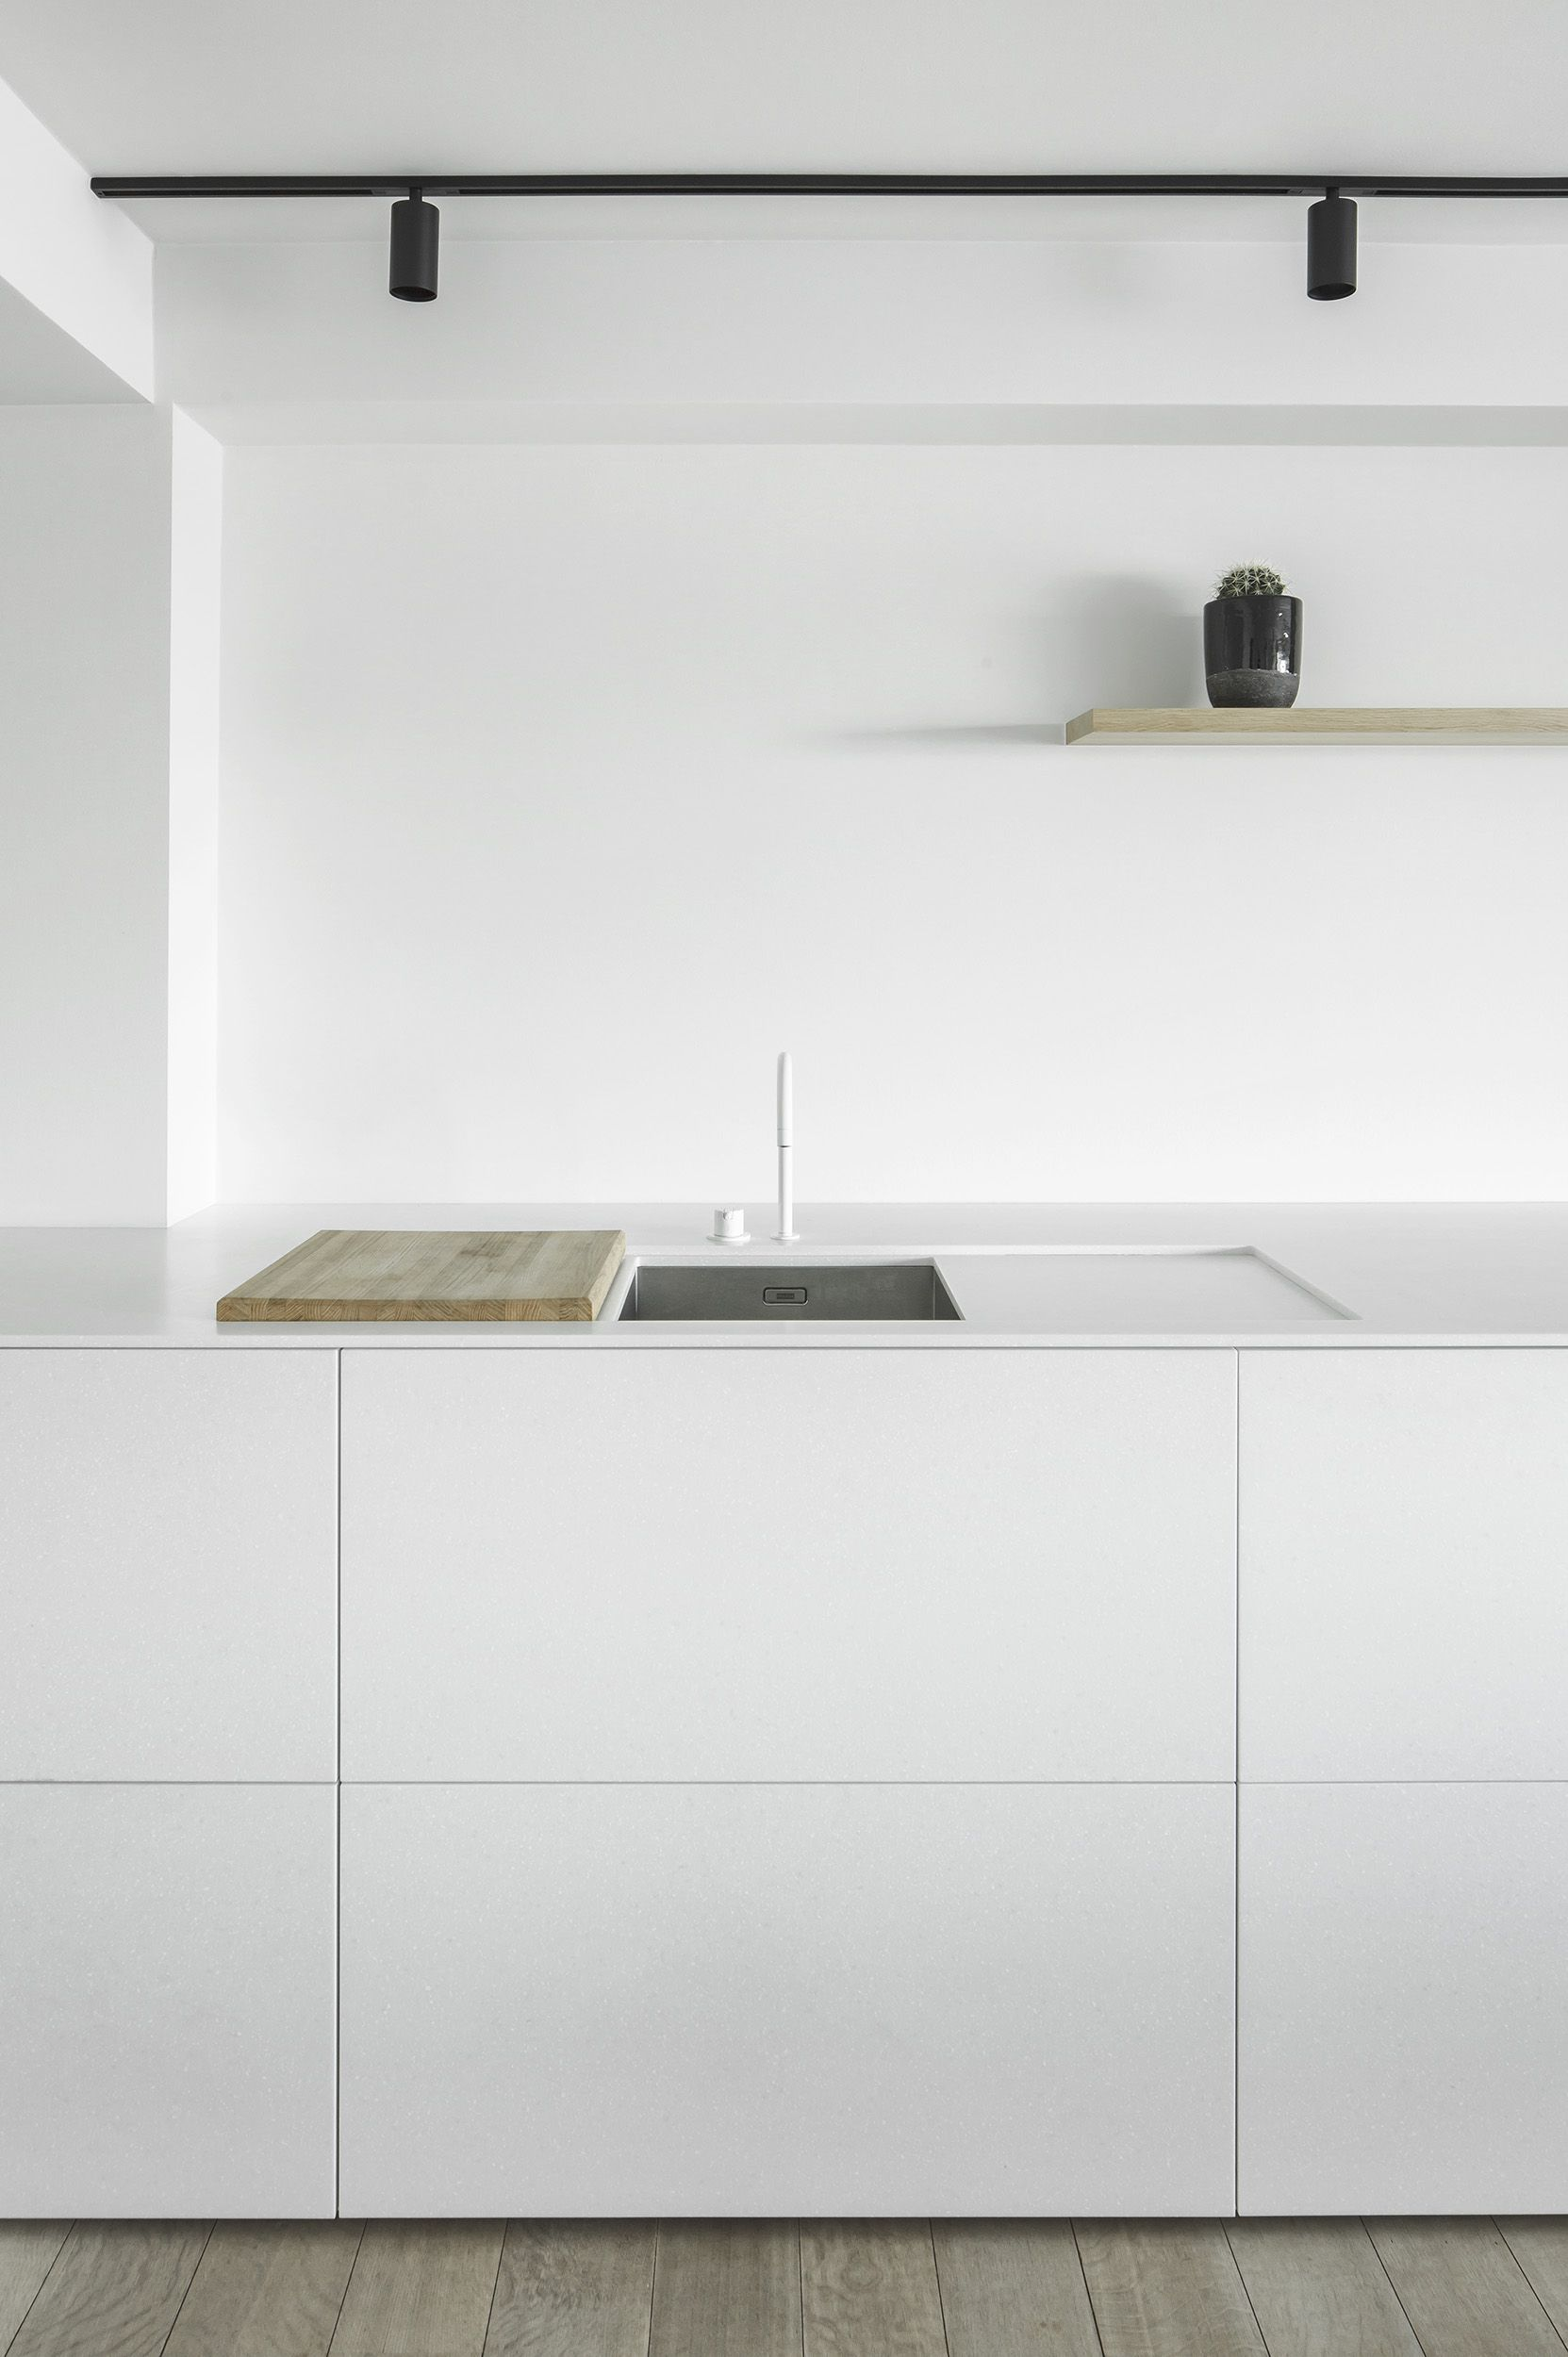 Pin van Terrence op - Kitchen - in 2019 - Kitchen design ...